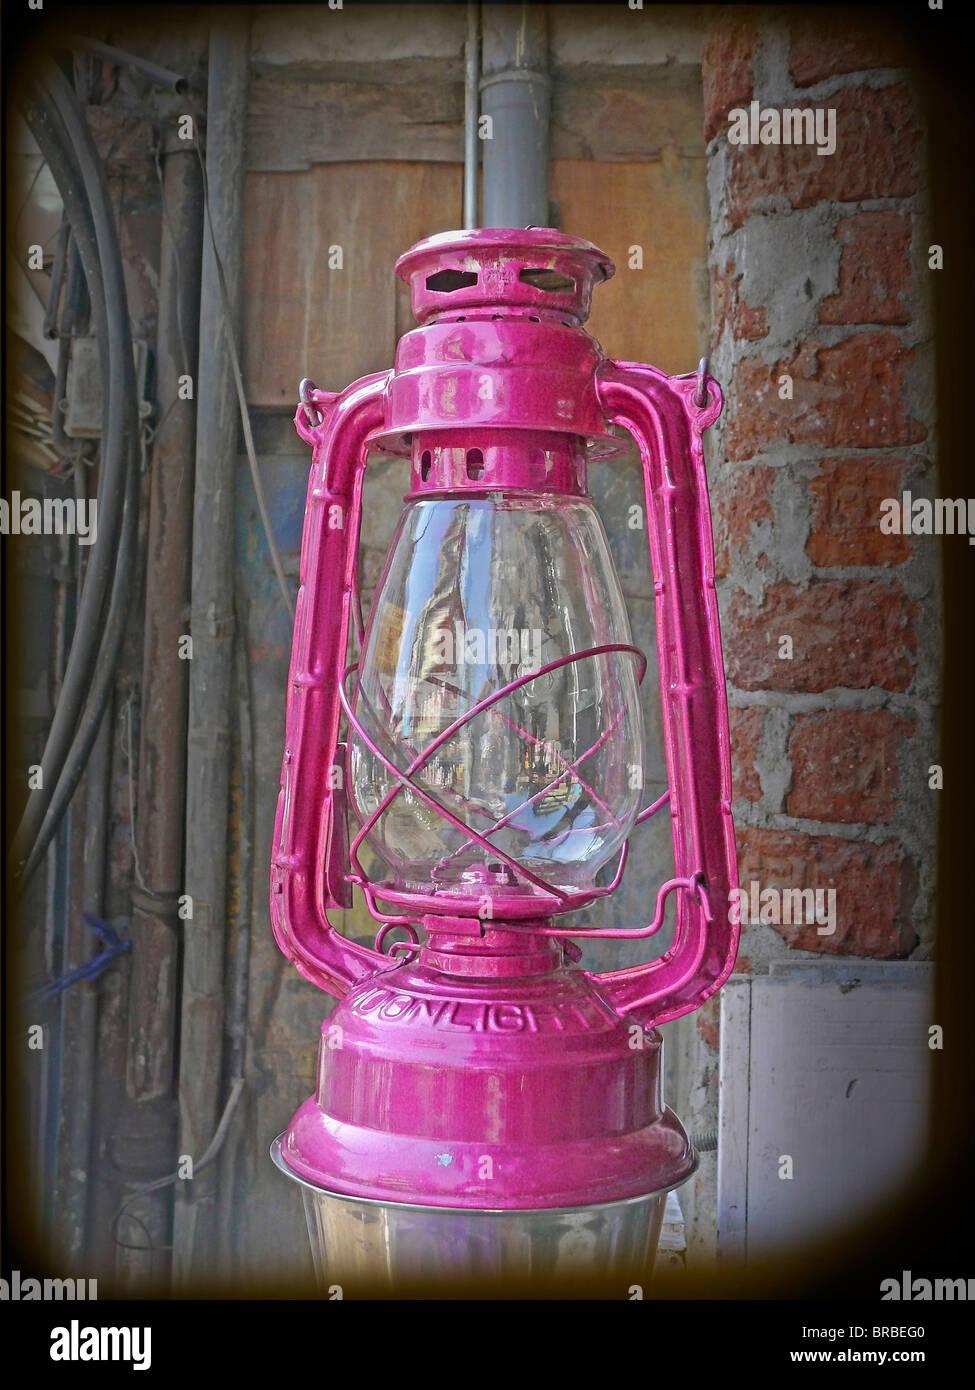 Lantern for sell Old type Lantern, Alternative energy; Antique, Kerosene; Gas Lamps, Chimney; Light; oil, classic, - Stock Image